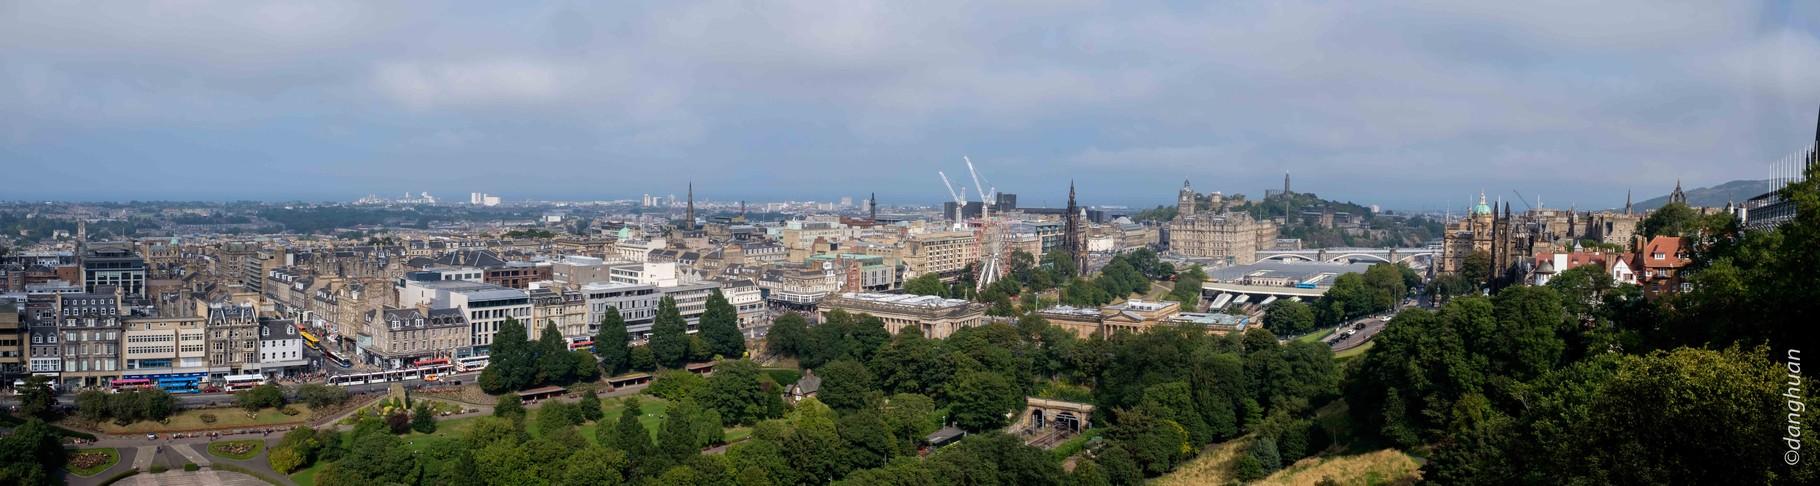 Panorama de New Town depuis le Castle